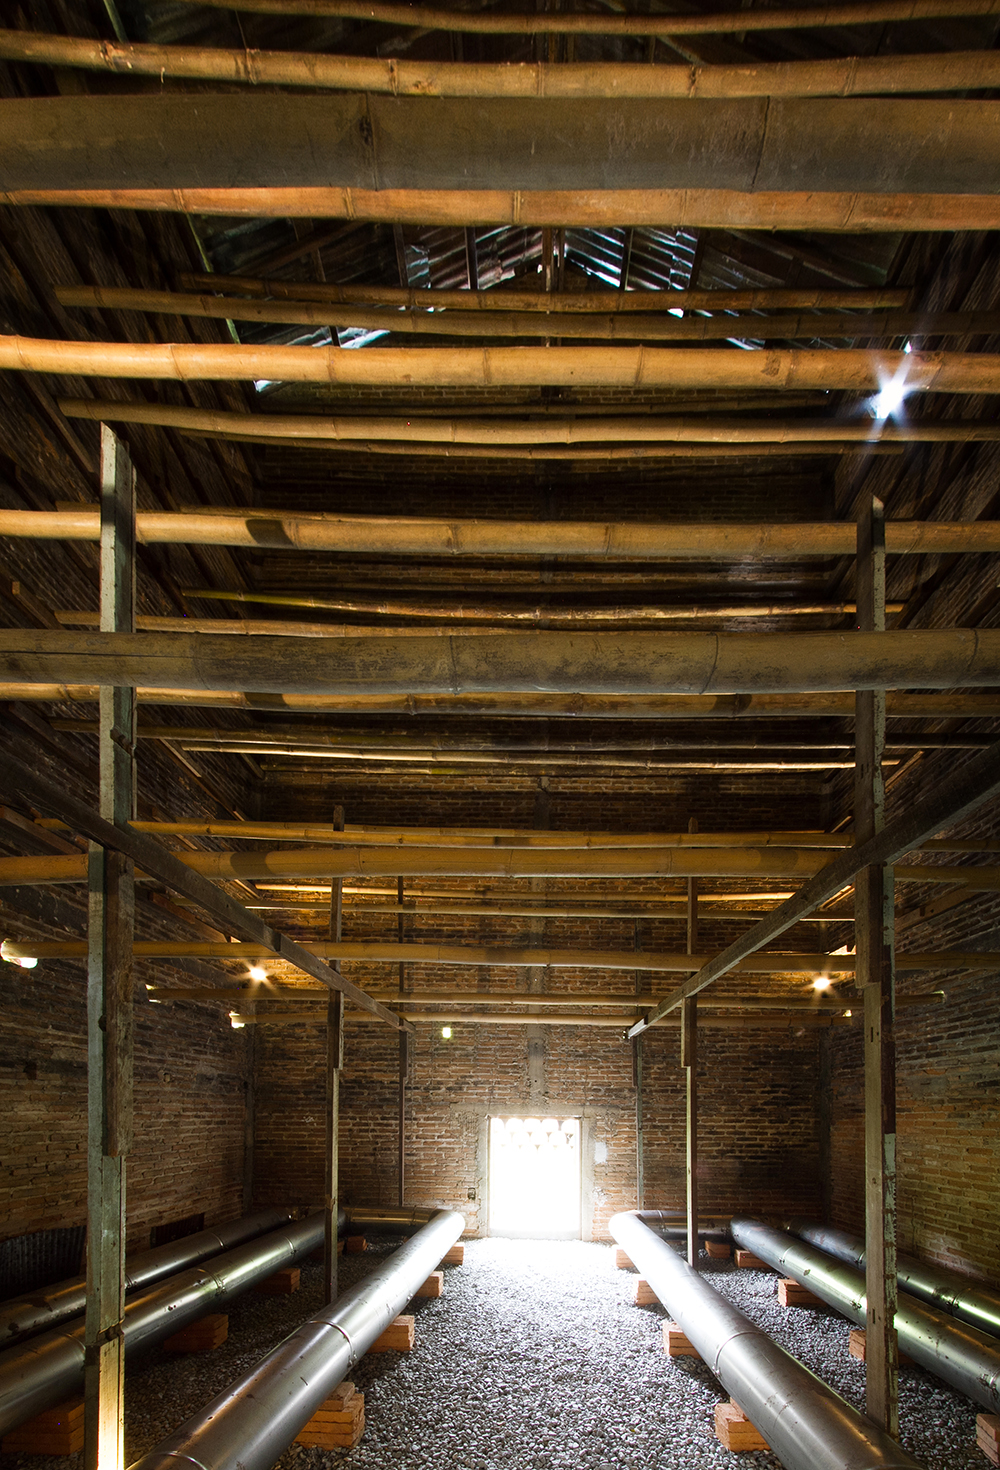 kaomai museum_original barn interior